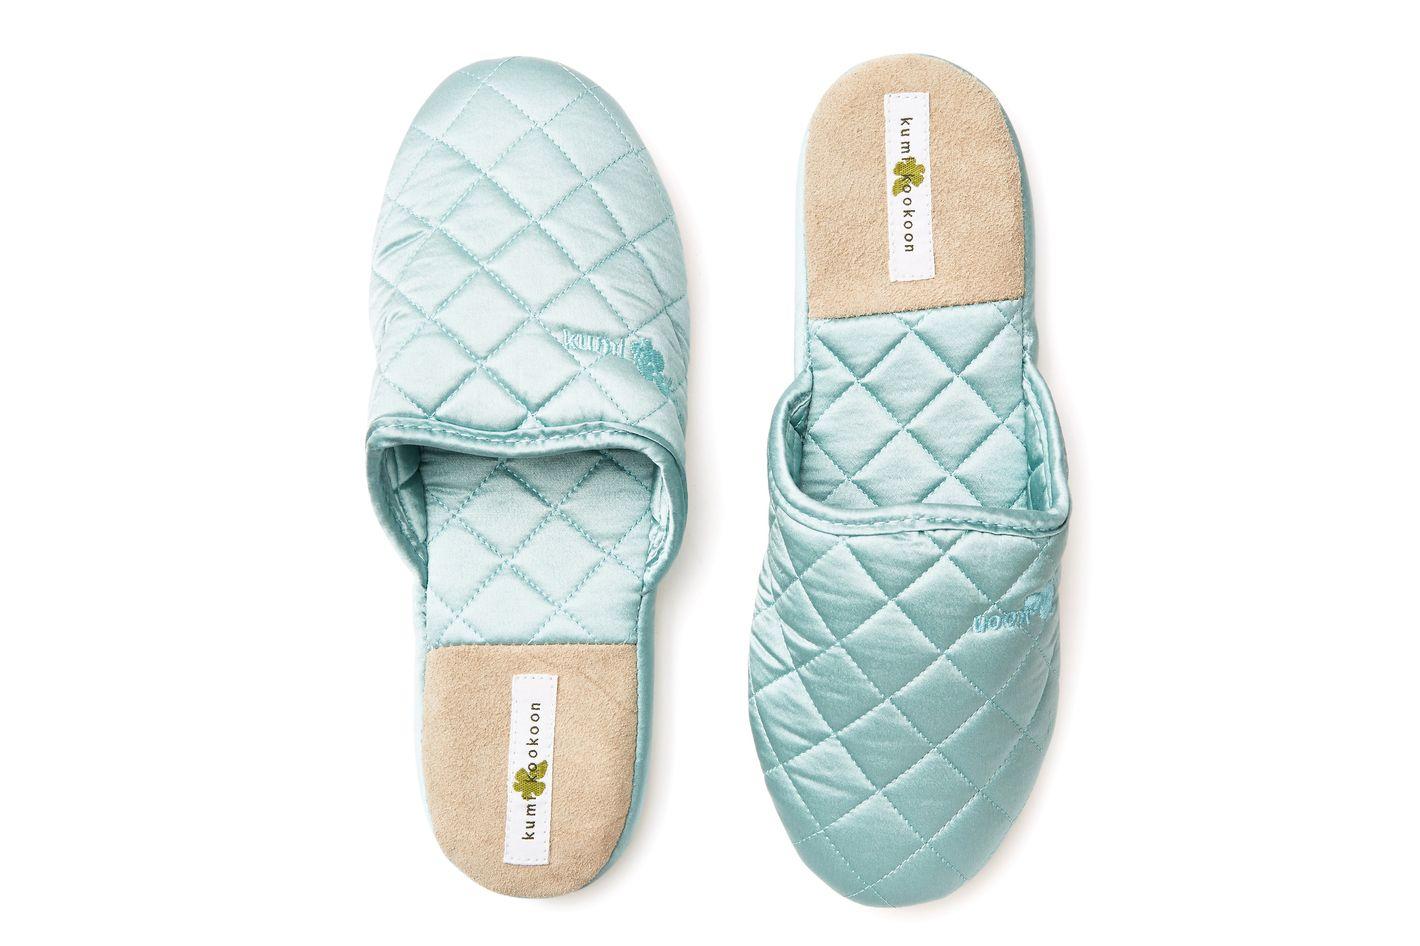 Kumi Kookoon Silk Slippers